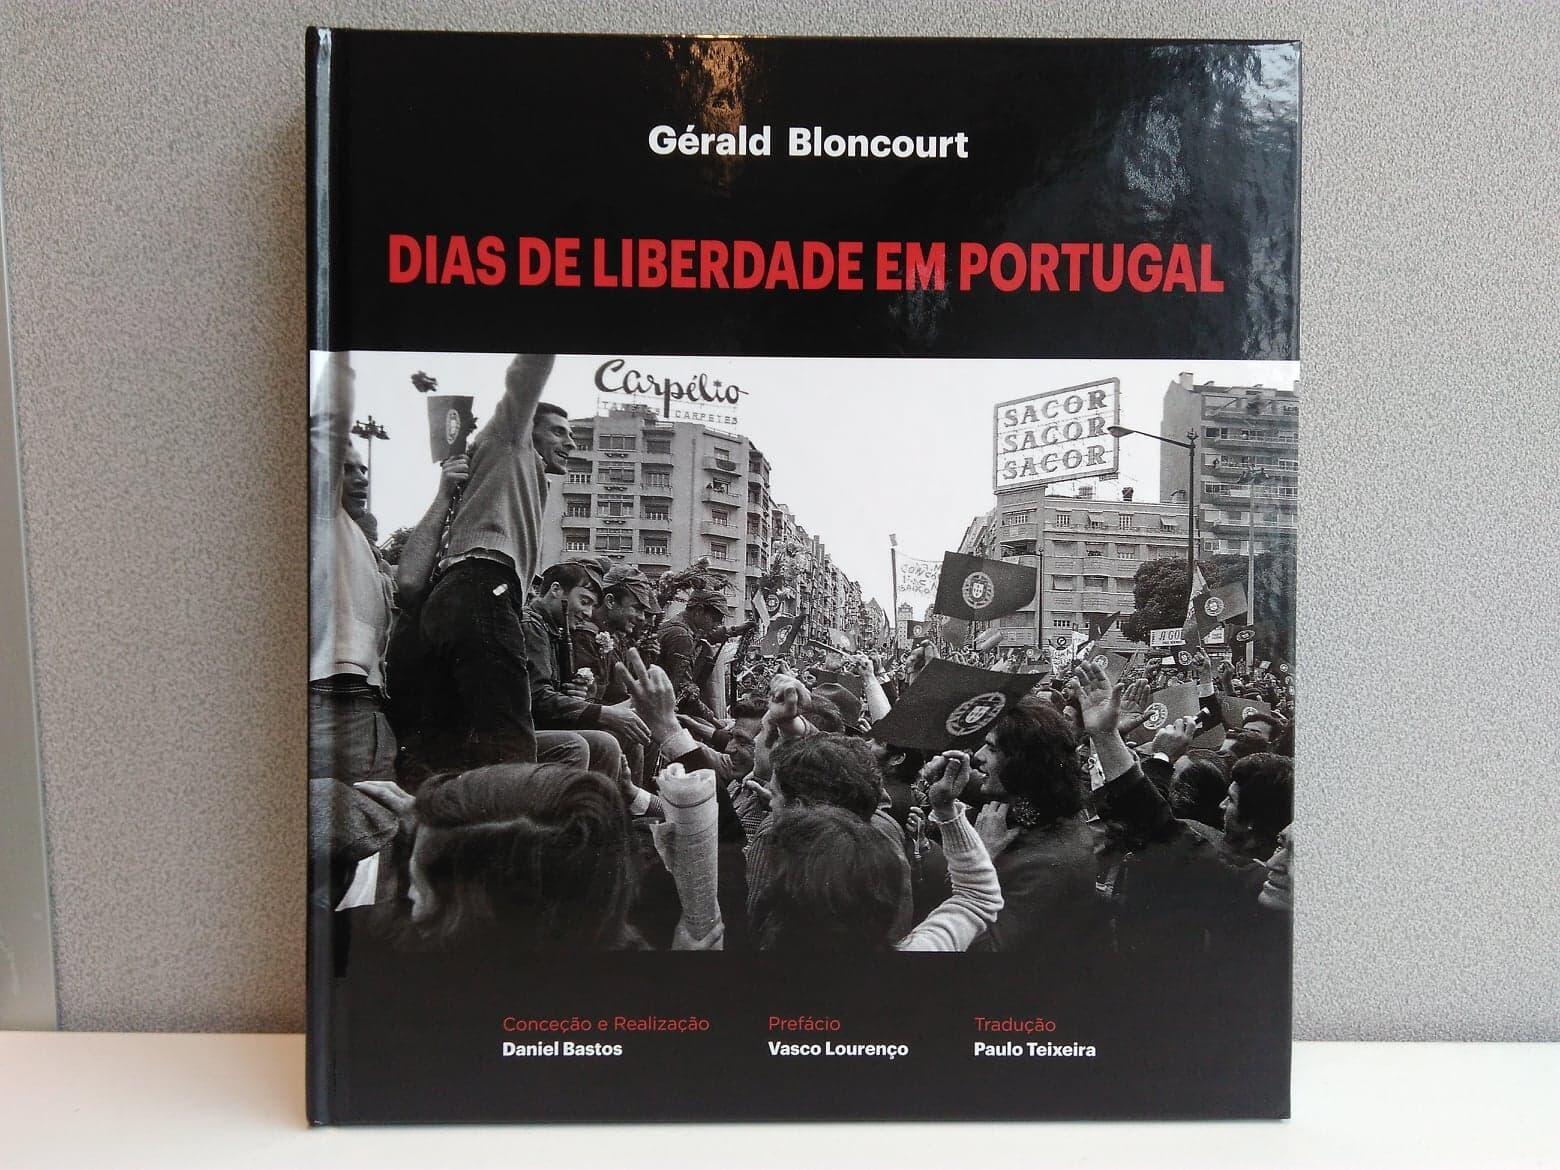 Capa do livro de fotografias inéditas de Gerald Bloncourt sobre os primórdios do 25 de Abril de 1974 em Portugal.